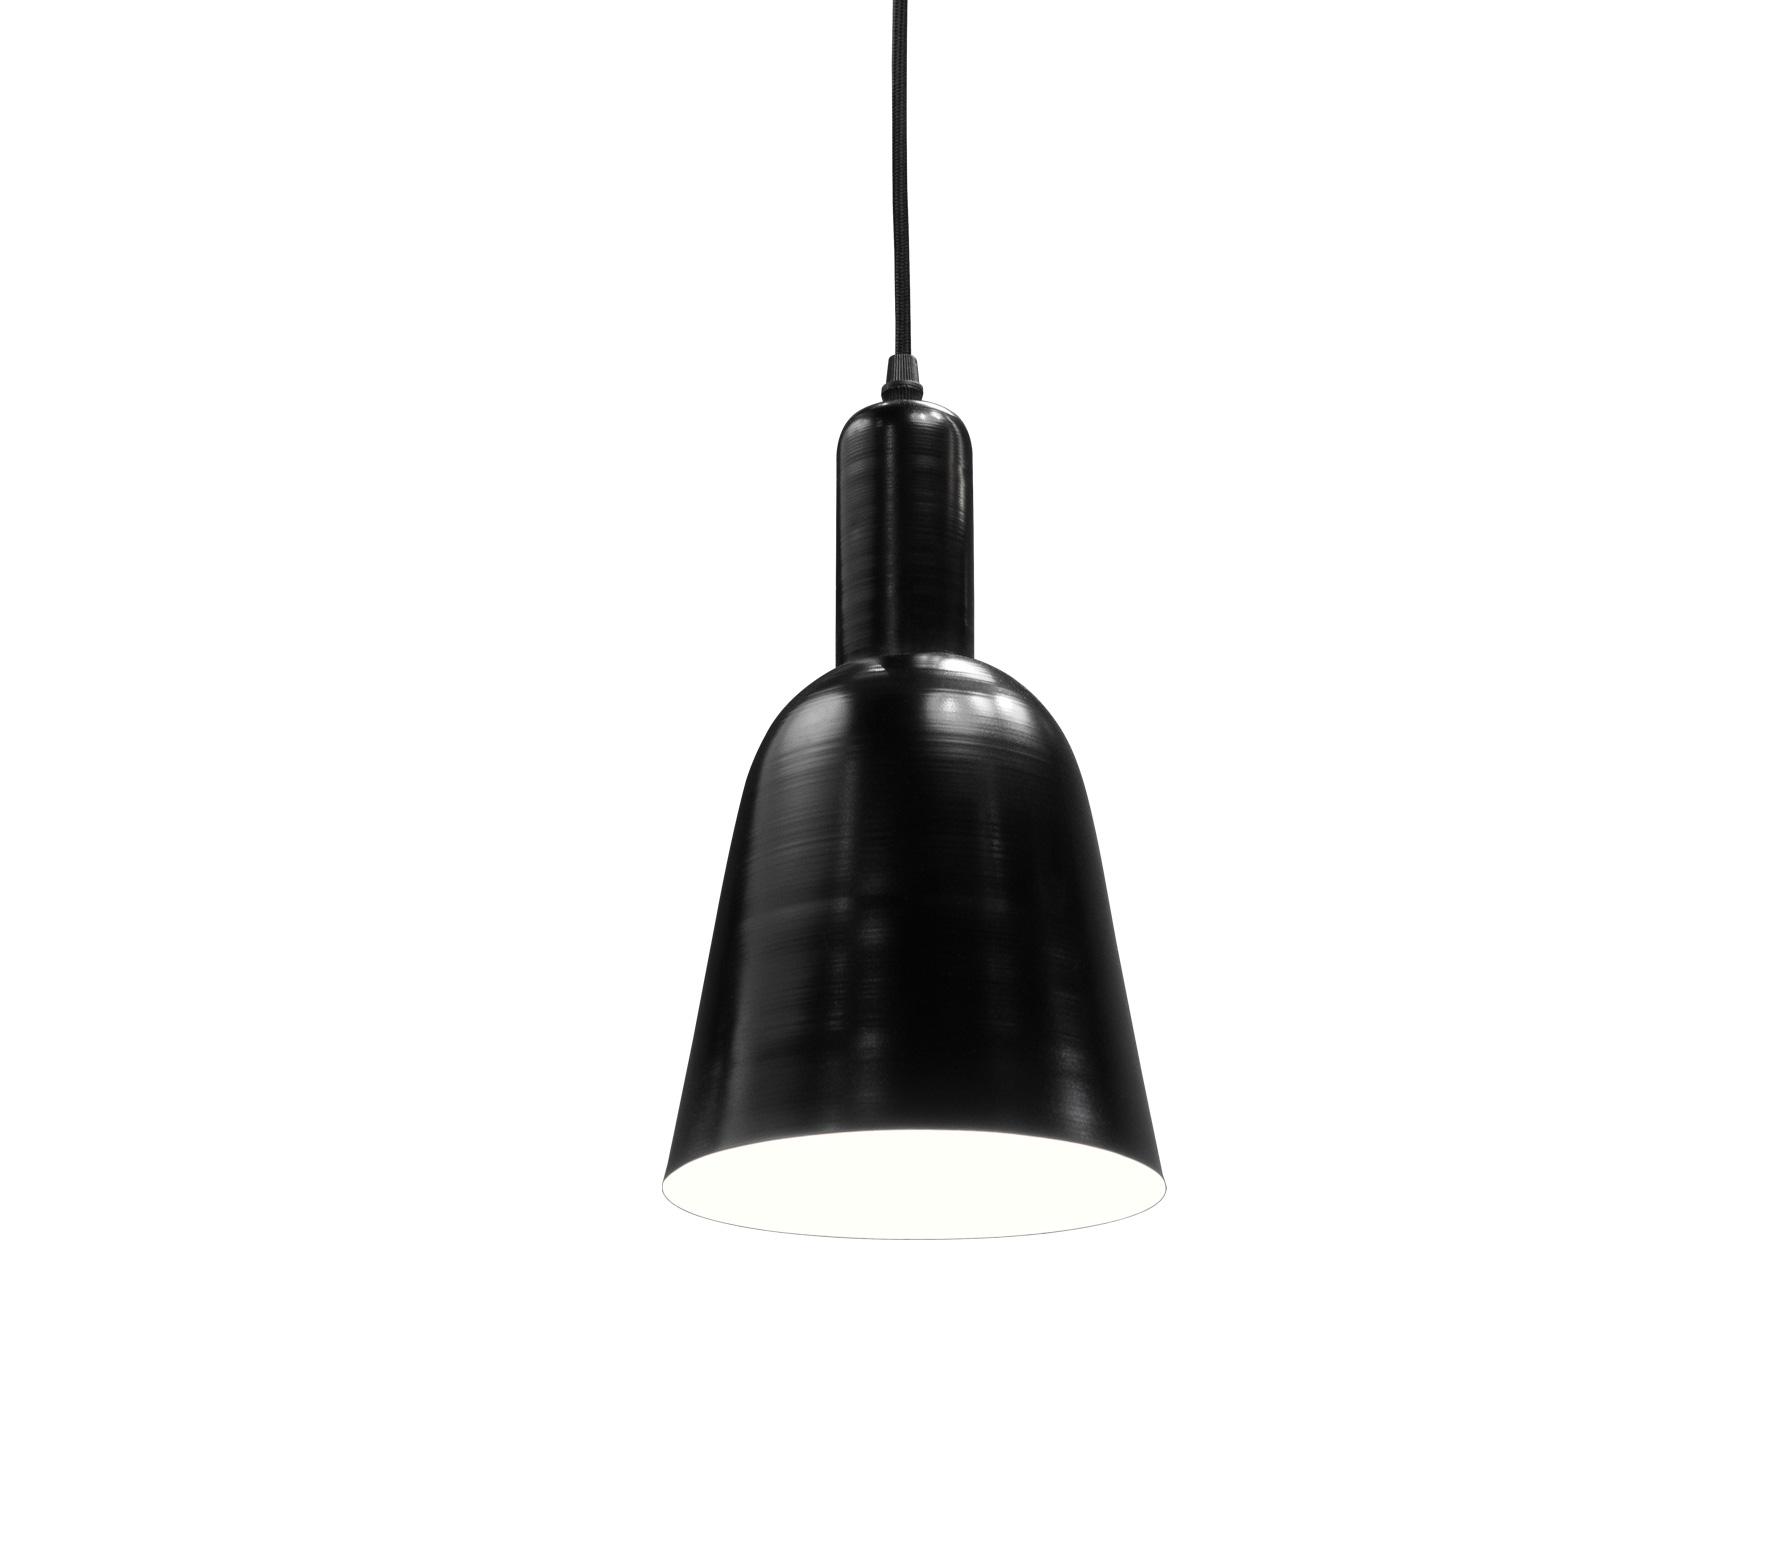 vtwonen Glow hanglamp � 18 cm zwart Zwart